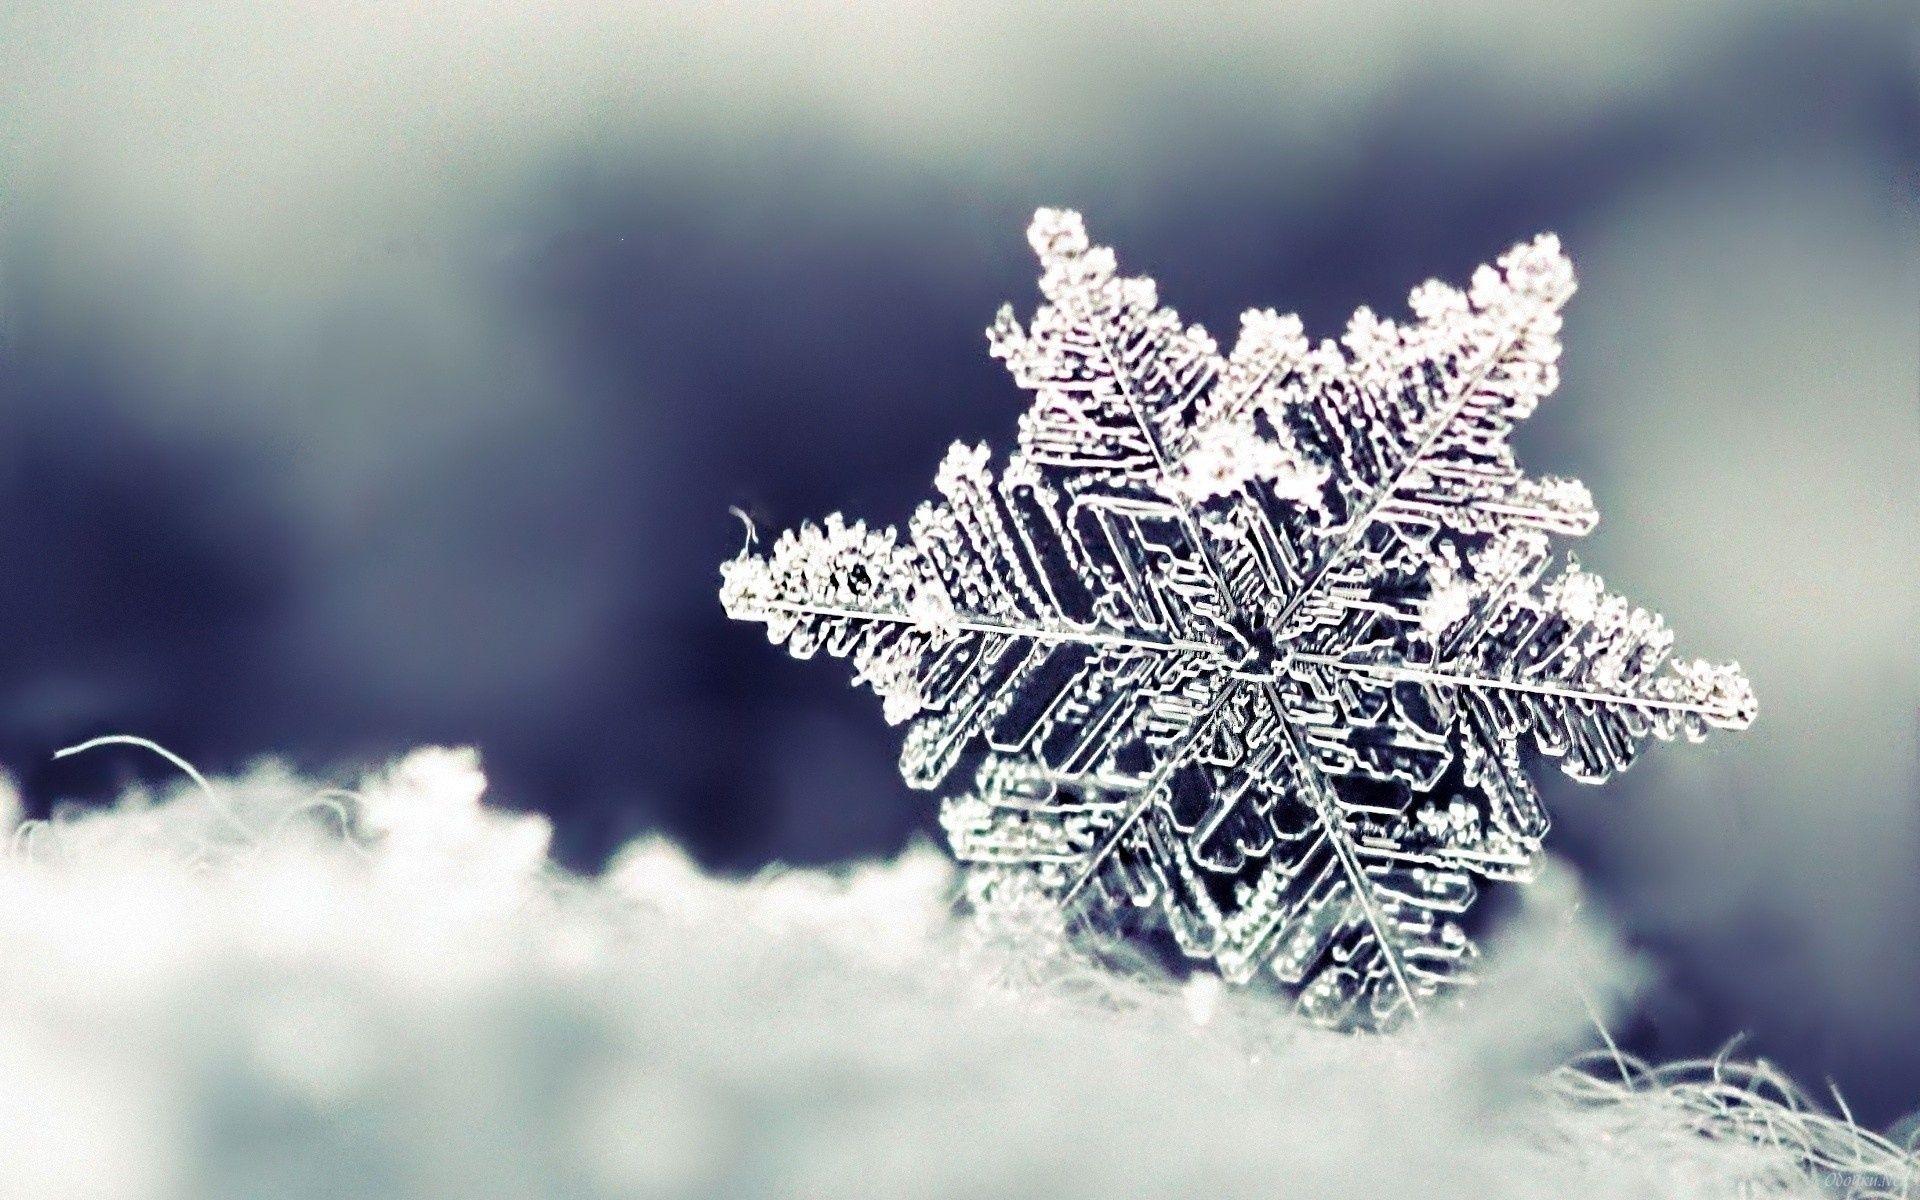 冬季养肾警惕五个危险信号